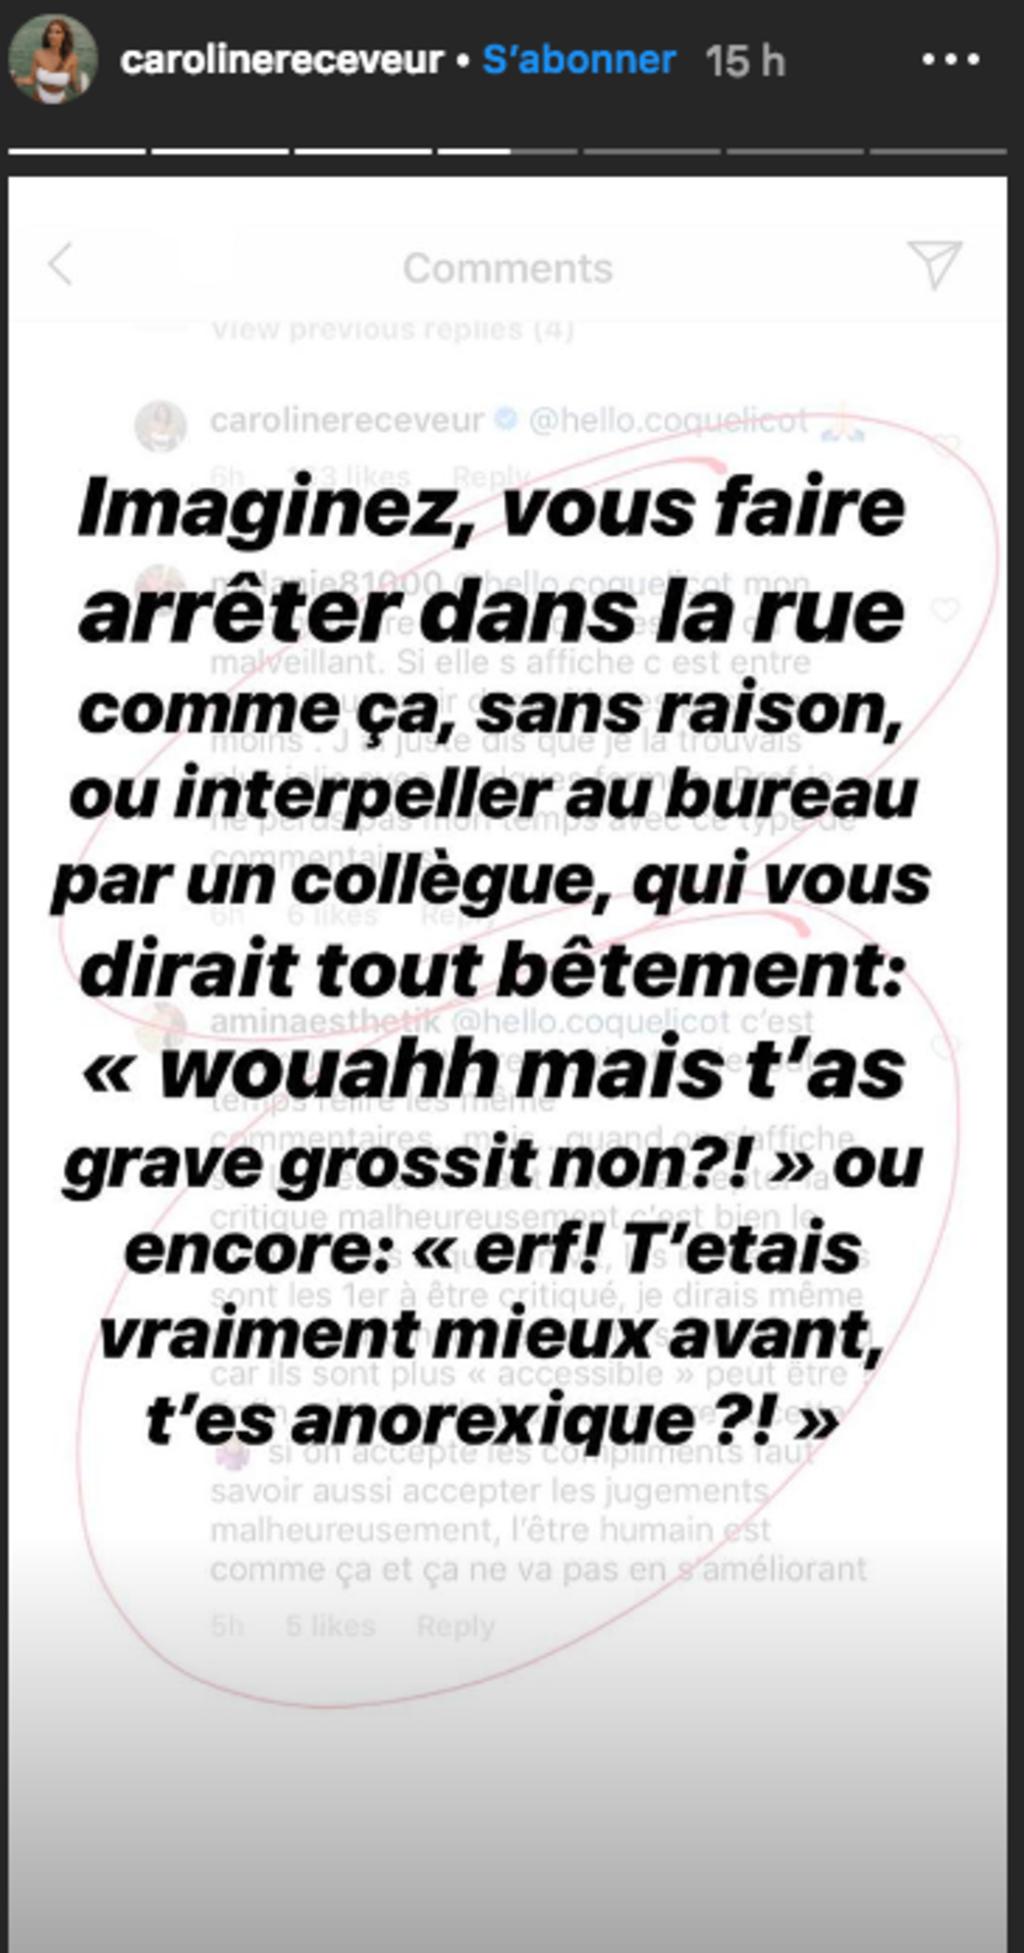 Caroline Receveur traitée d'anorexique : Elle réagit aux violentes critiques